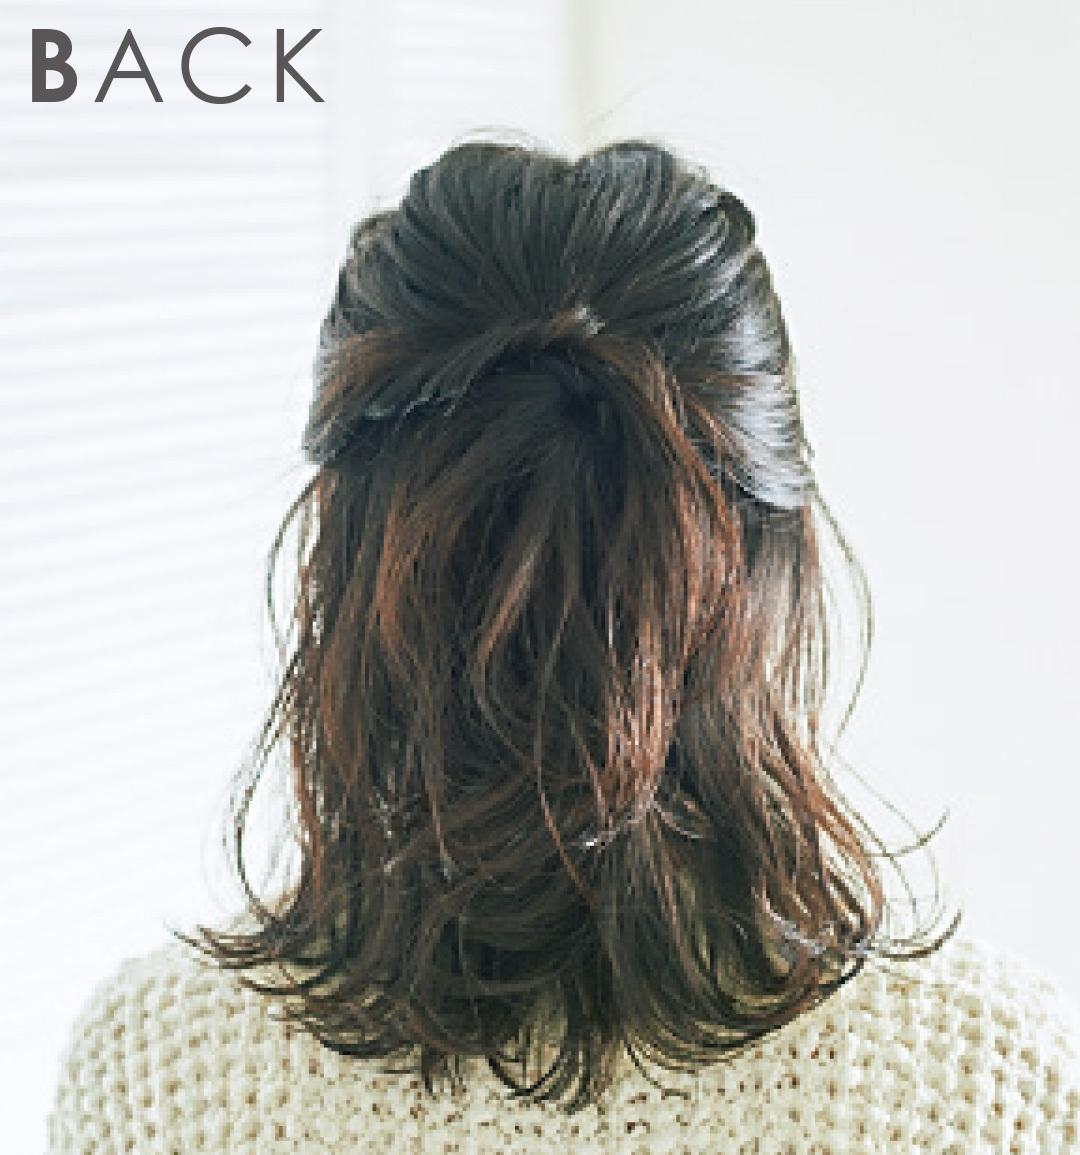 髪が少ない&ペタンコ髪のヘアアレンジ★ダブルハーフアップで簡単ふんわりヘア実現!_1_5-2